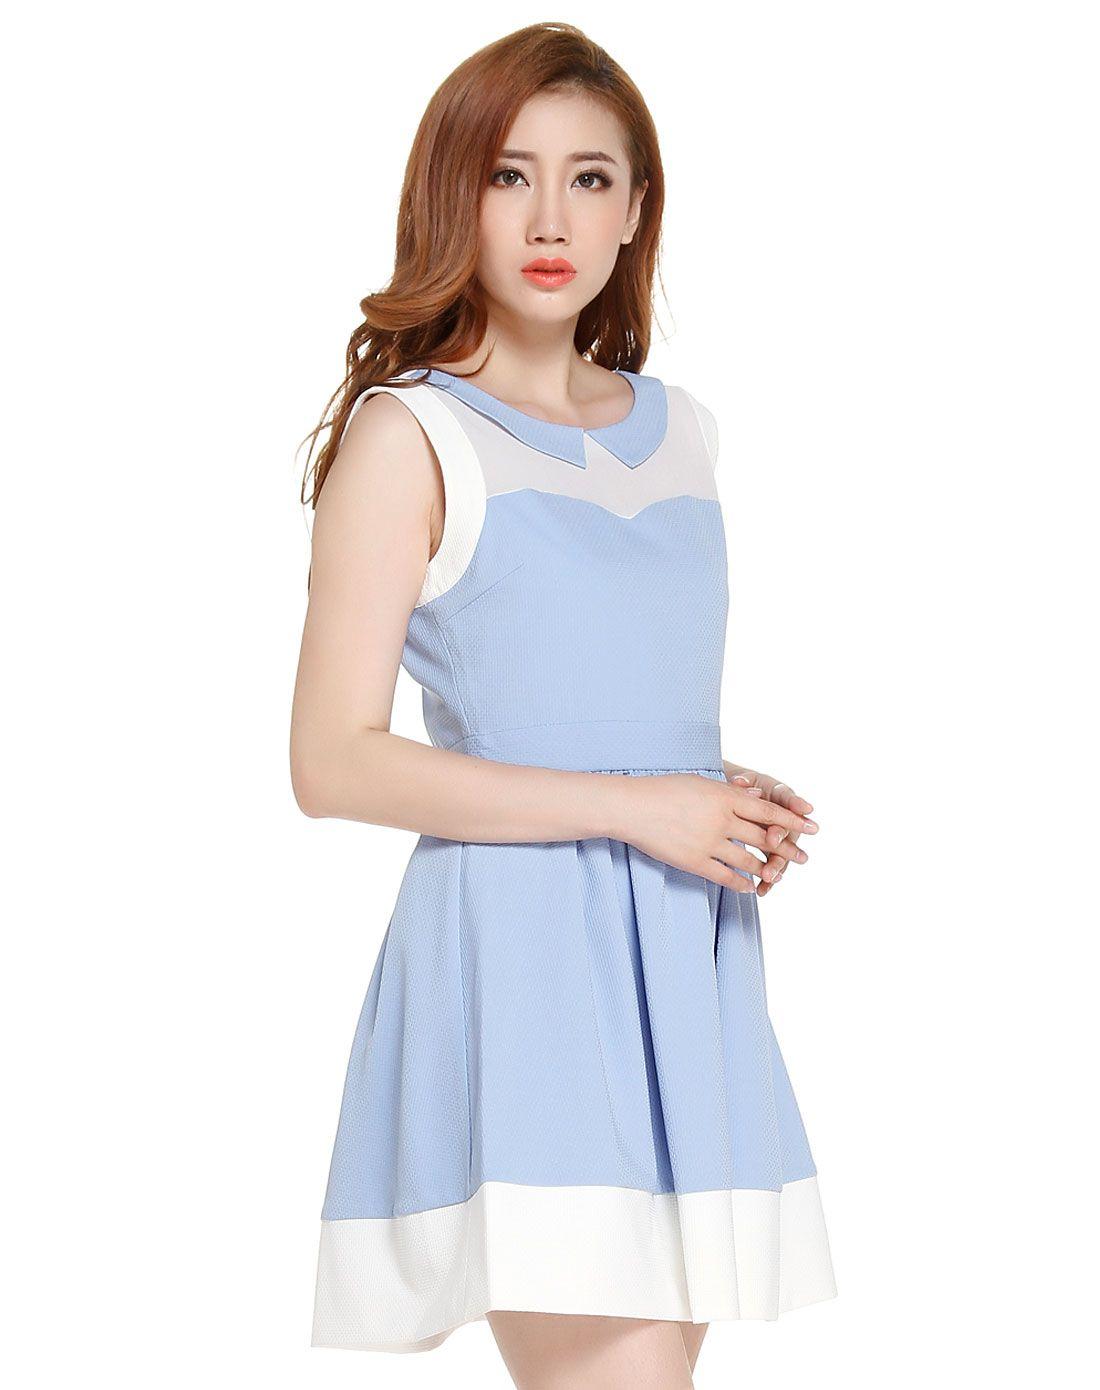 经典设计蓝白色无袖连衣裙